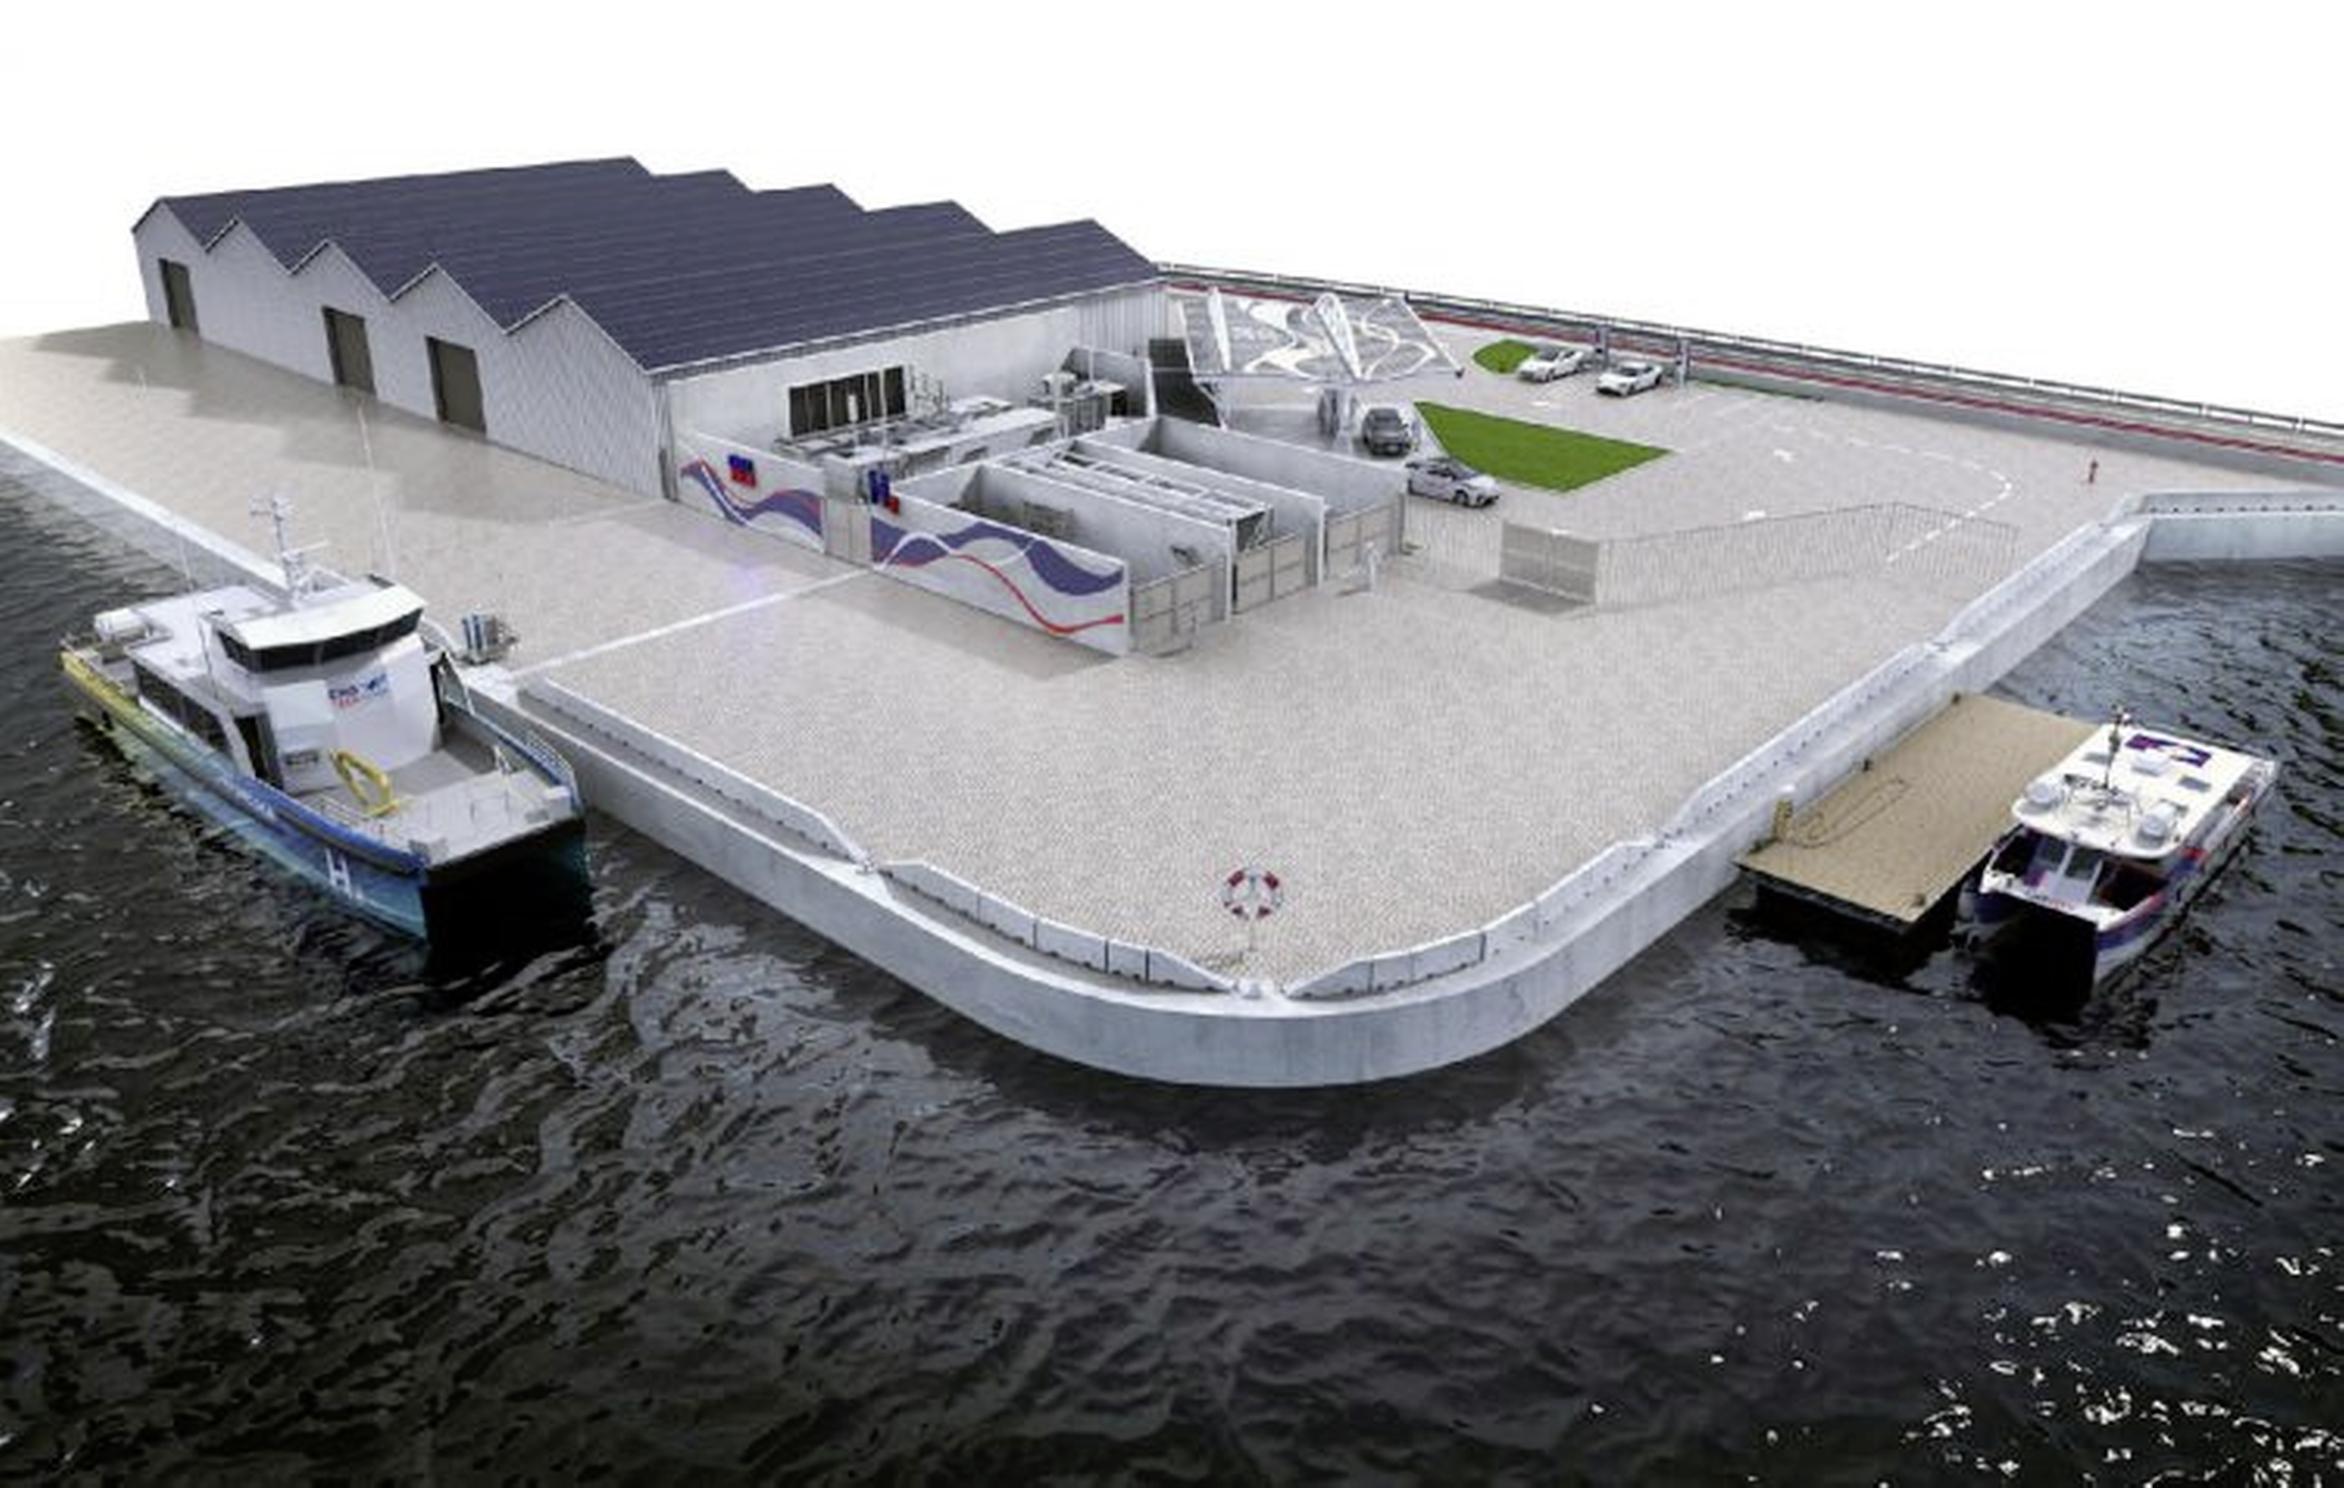 Naast waterstof in Helderse civiele haven straks ook waterstof op schepen in militaire haven. Bedrijfsleven kan inschrijven op machine voor marine